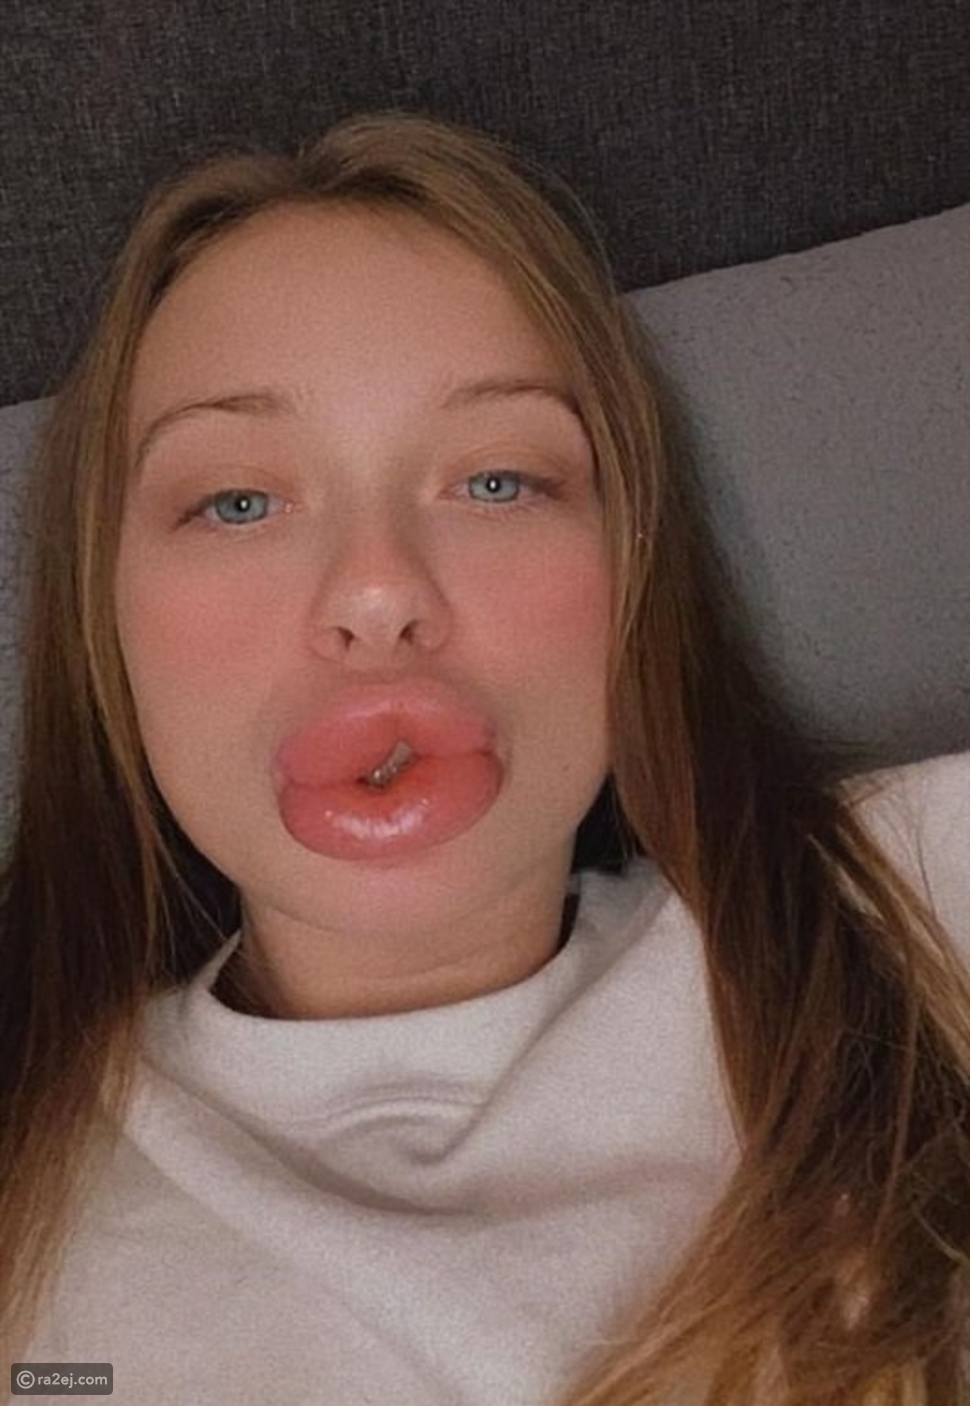 فتاة ترصد ماذا حدث في وجهها بسبب حقنة فيلر: صور ستصيبك بالصدمة